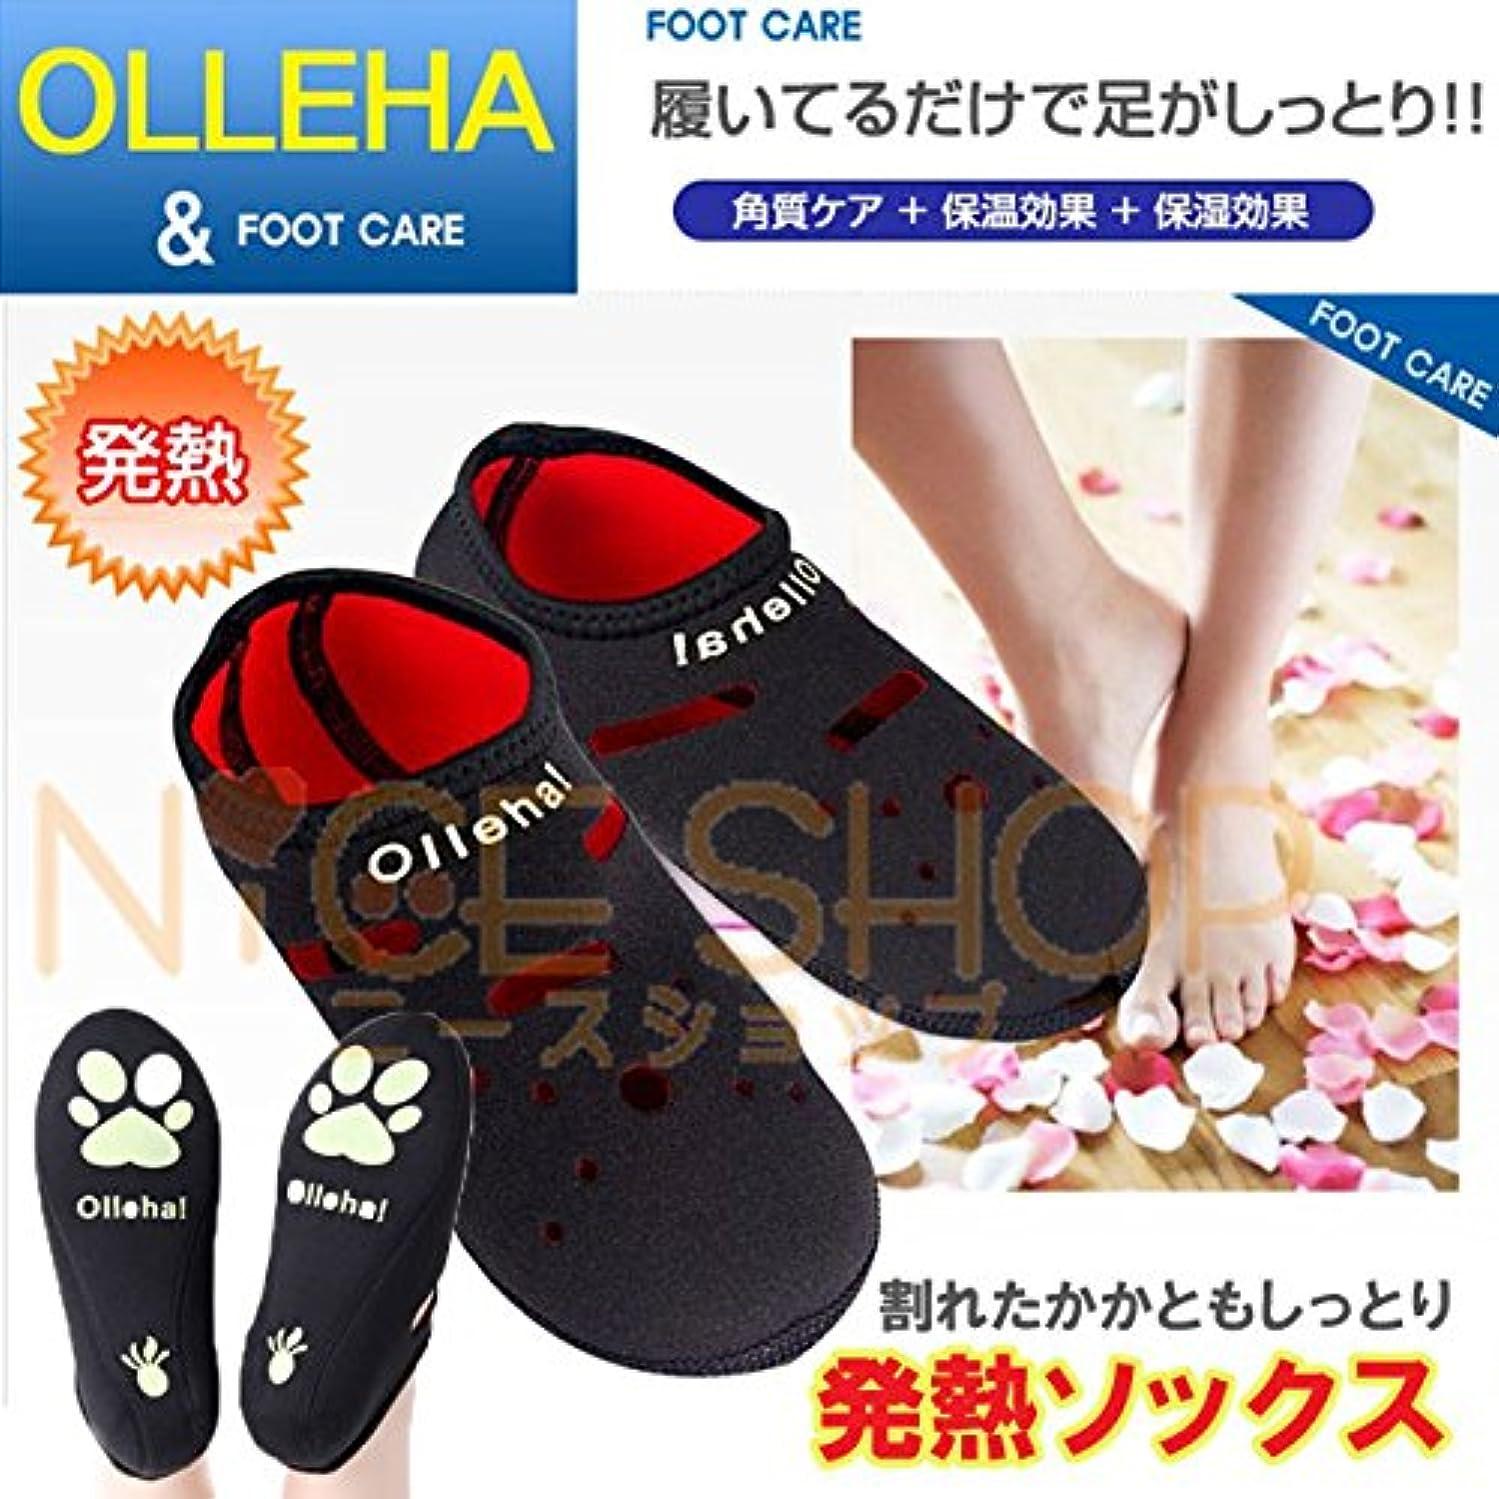 リンケージ天使意図する発熱靴下(足袋)発熱ソックス、フットケアー Olleha! (L(25.0~27.5))